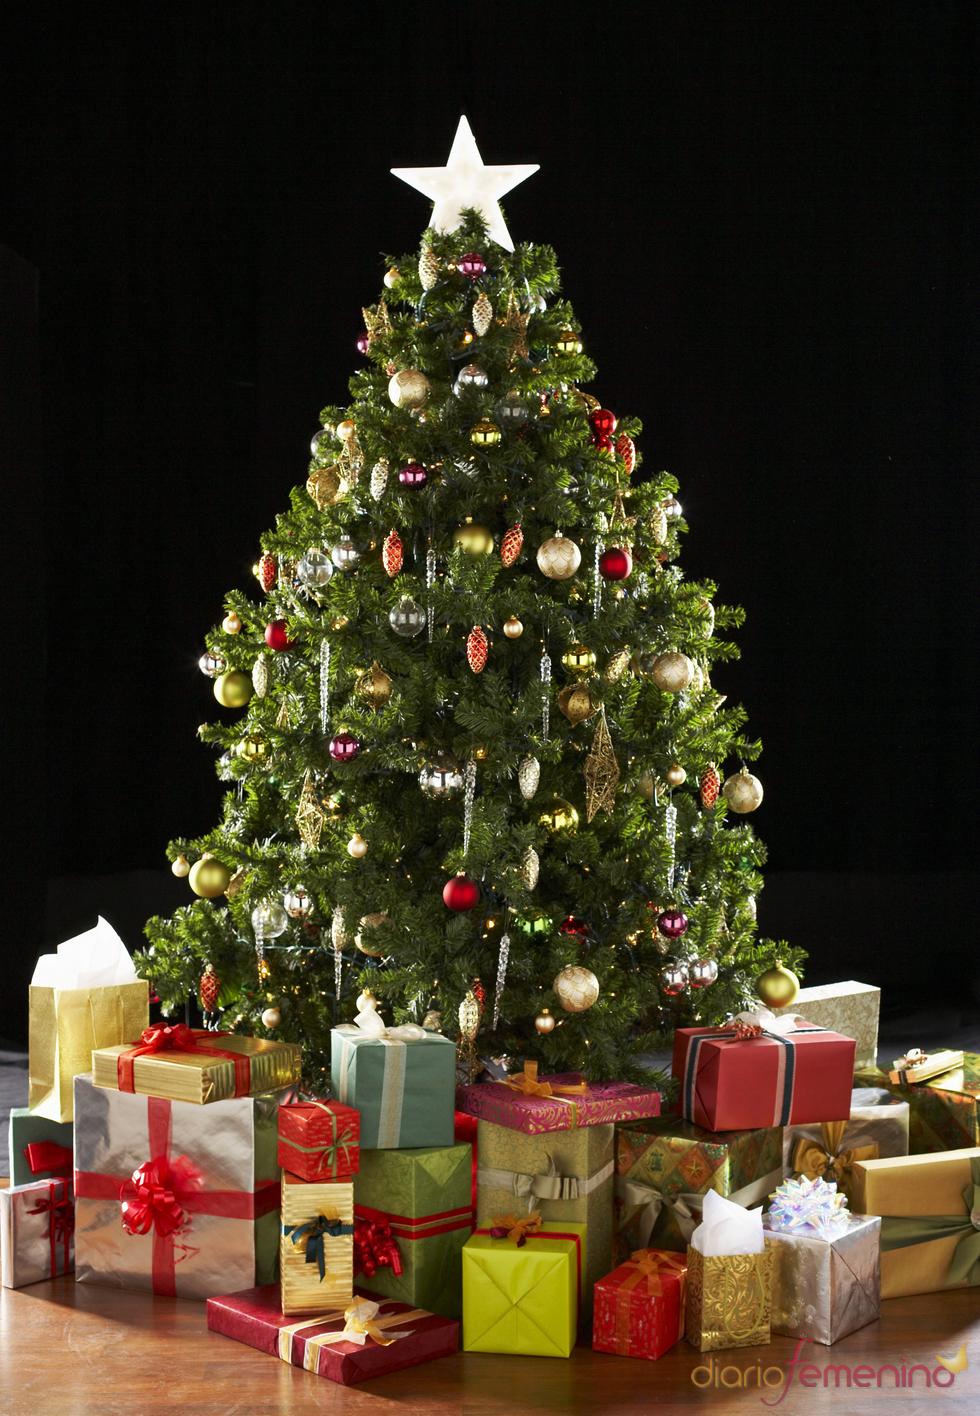 Ministerio joven ellen white y el rbol de navidad - Arbol de navidad adornos ...